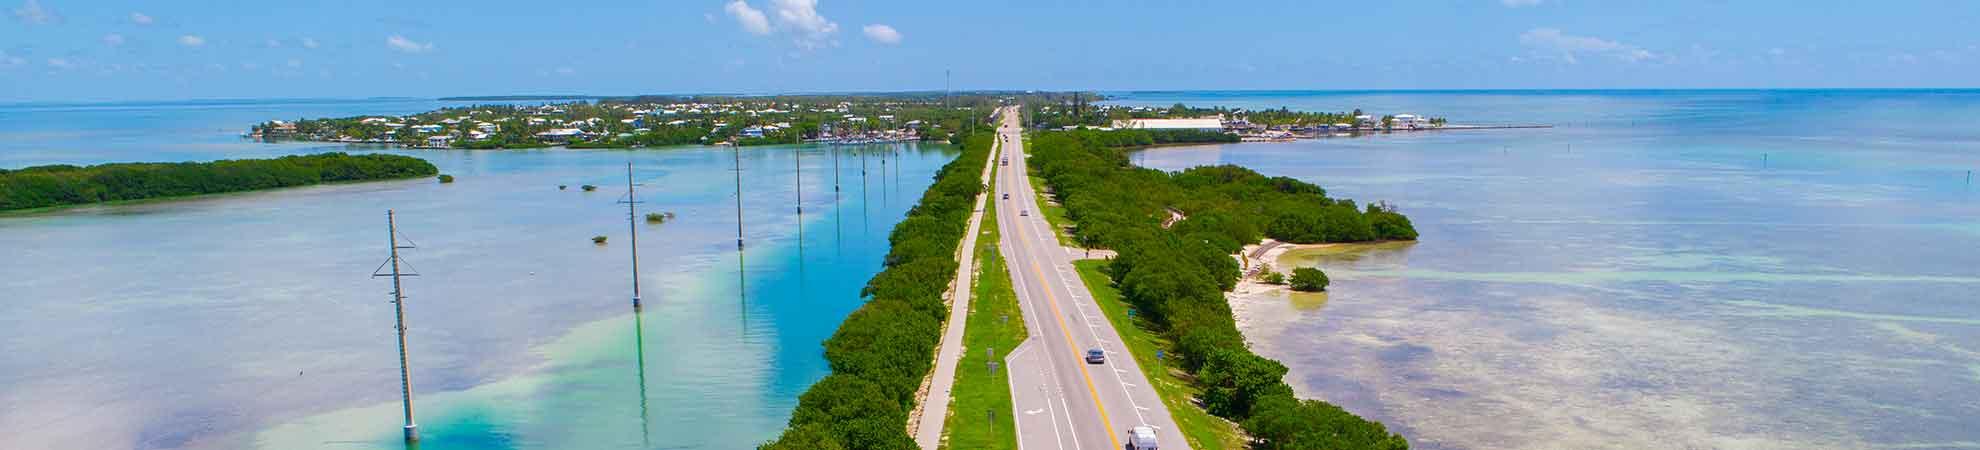 Voyage Floride Novembre